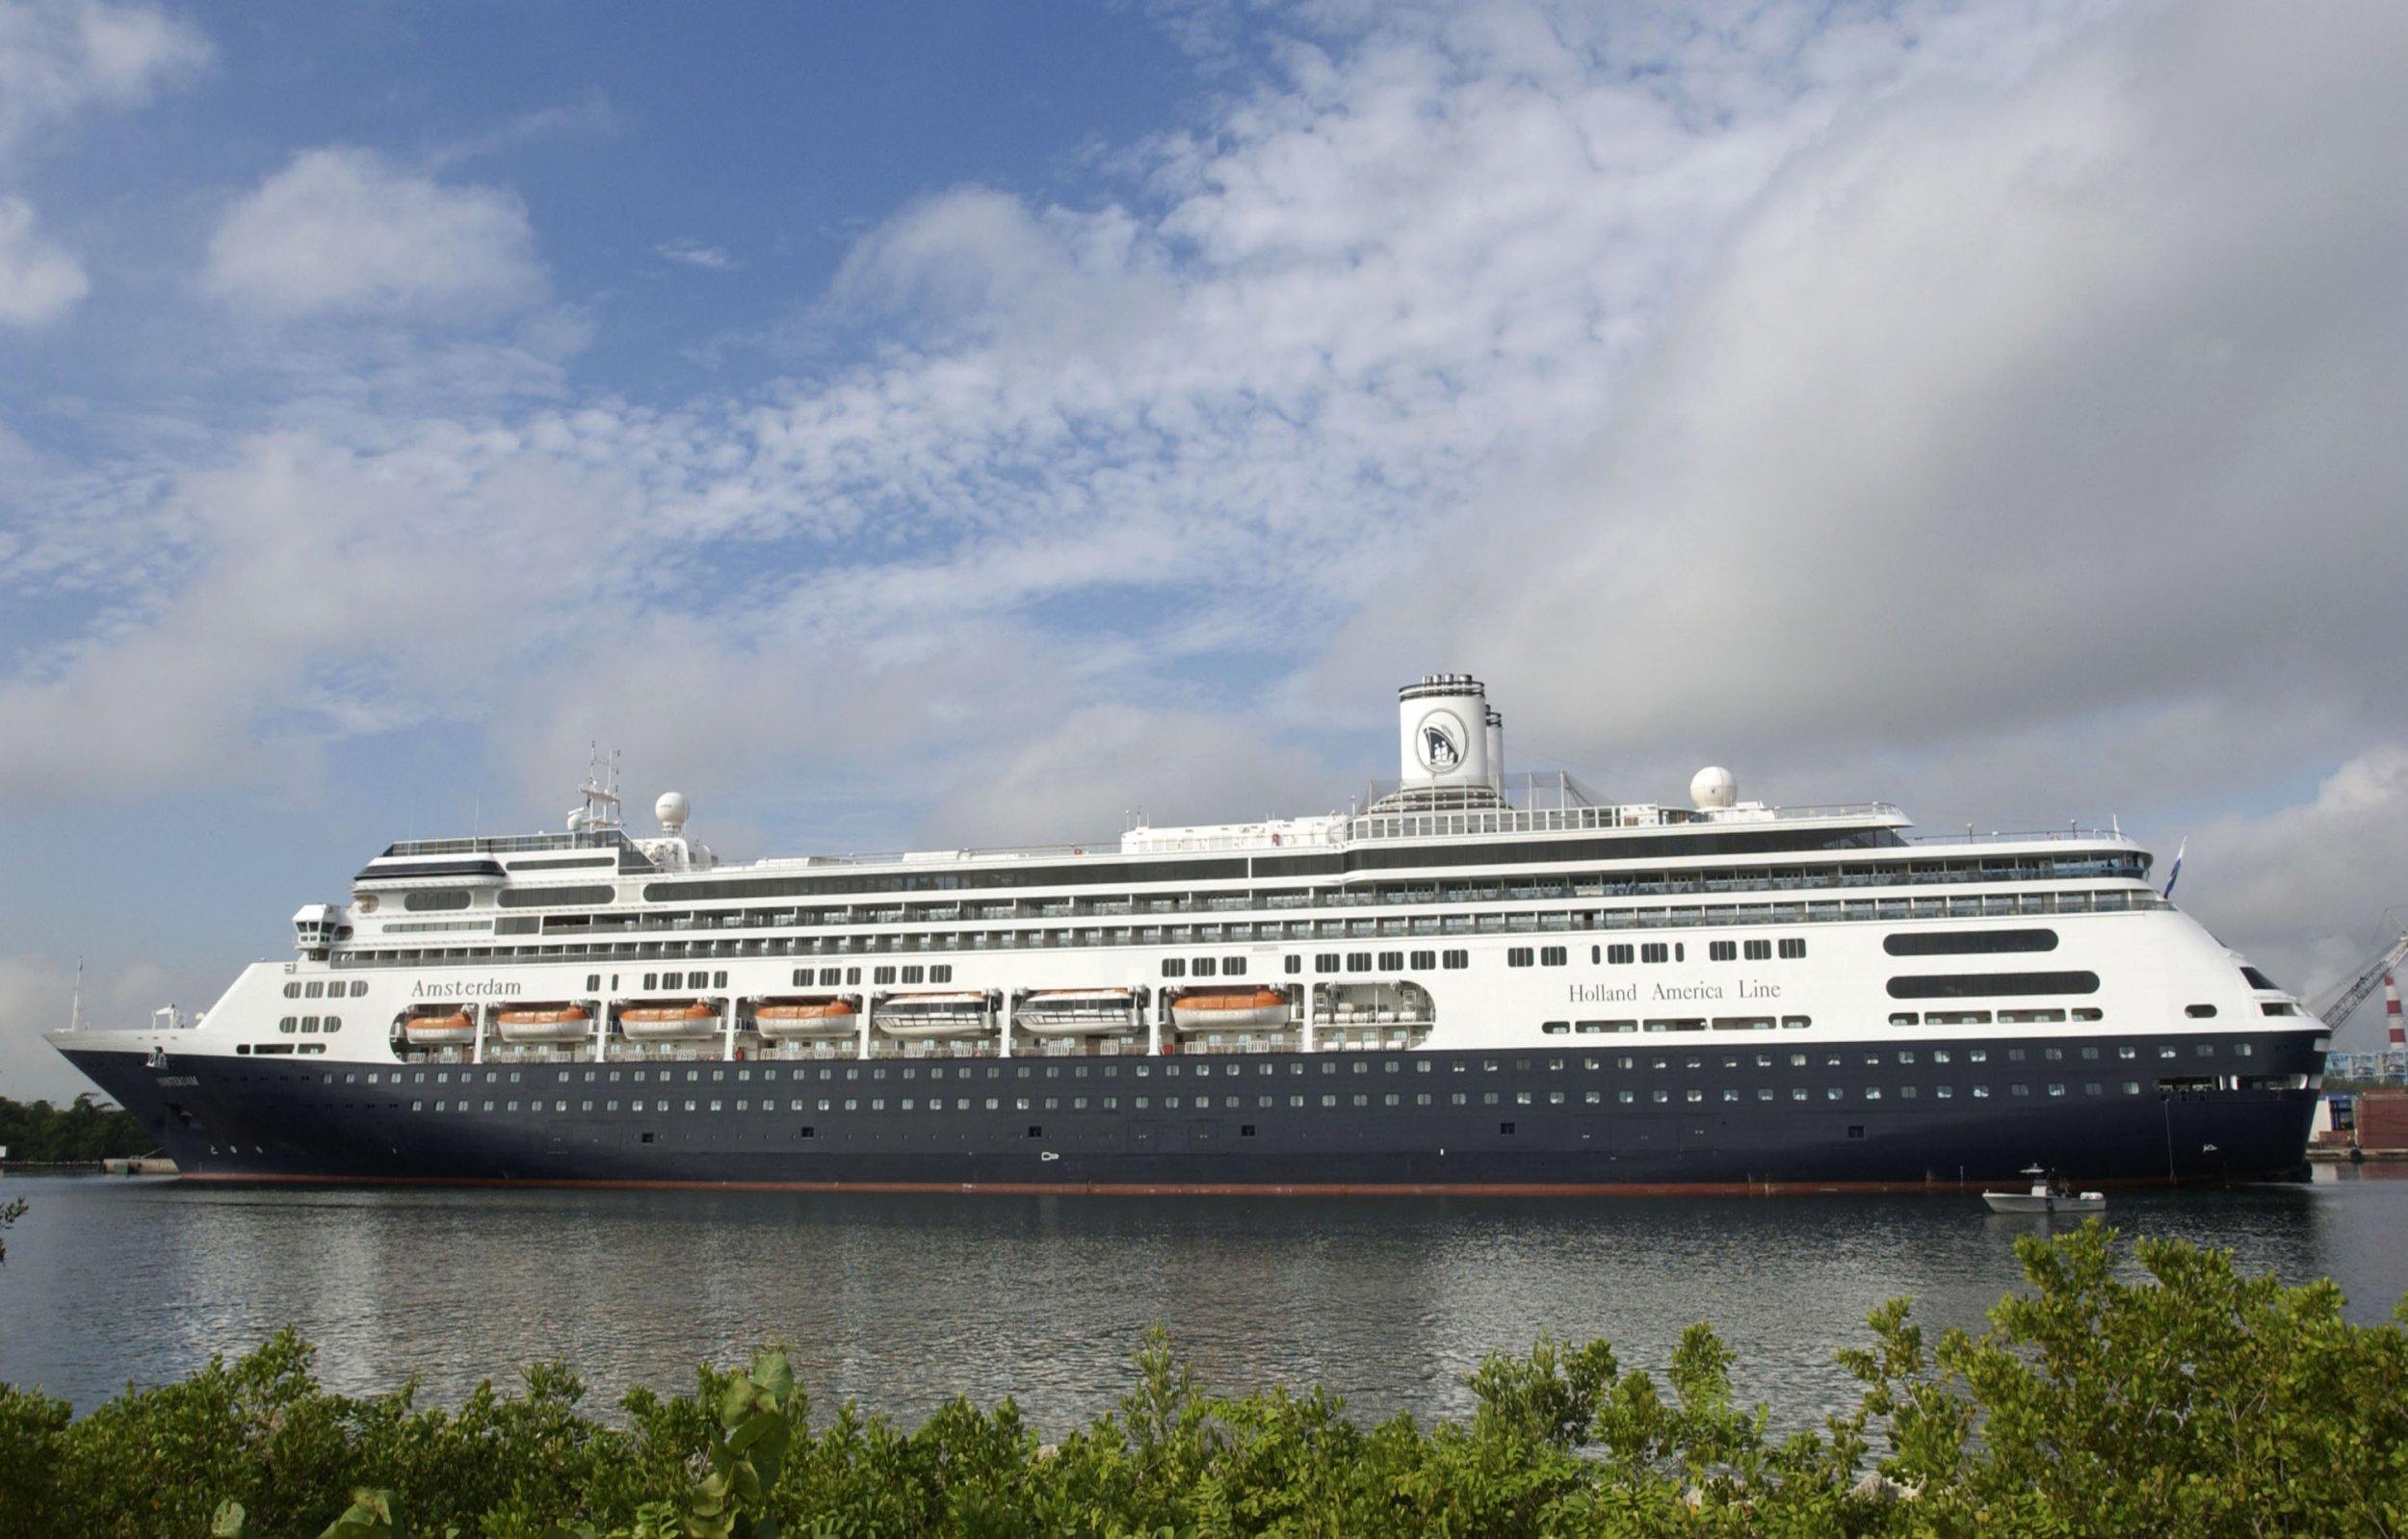 12_17_Cruise Ship